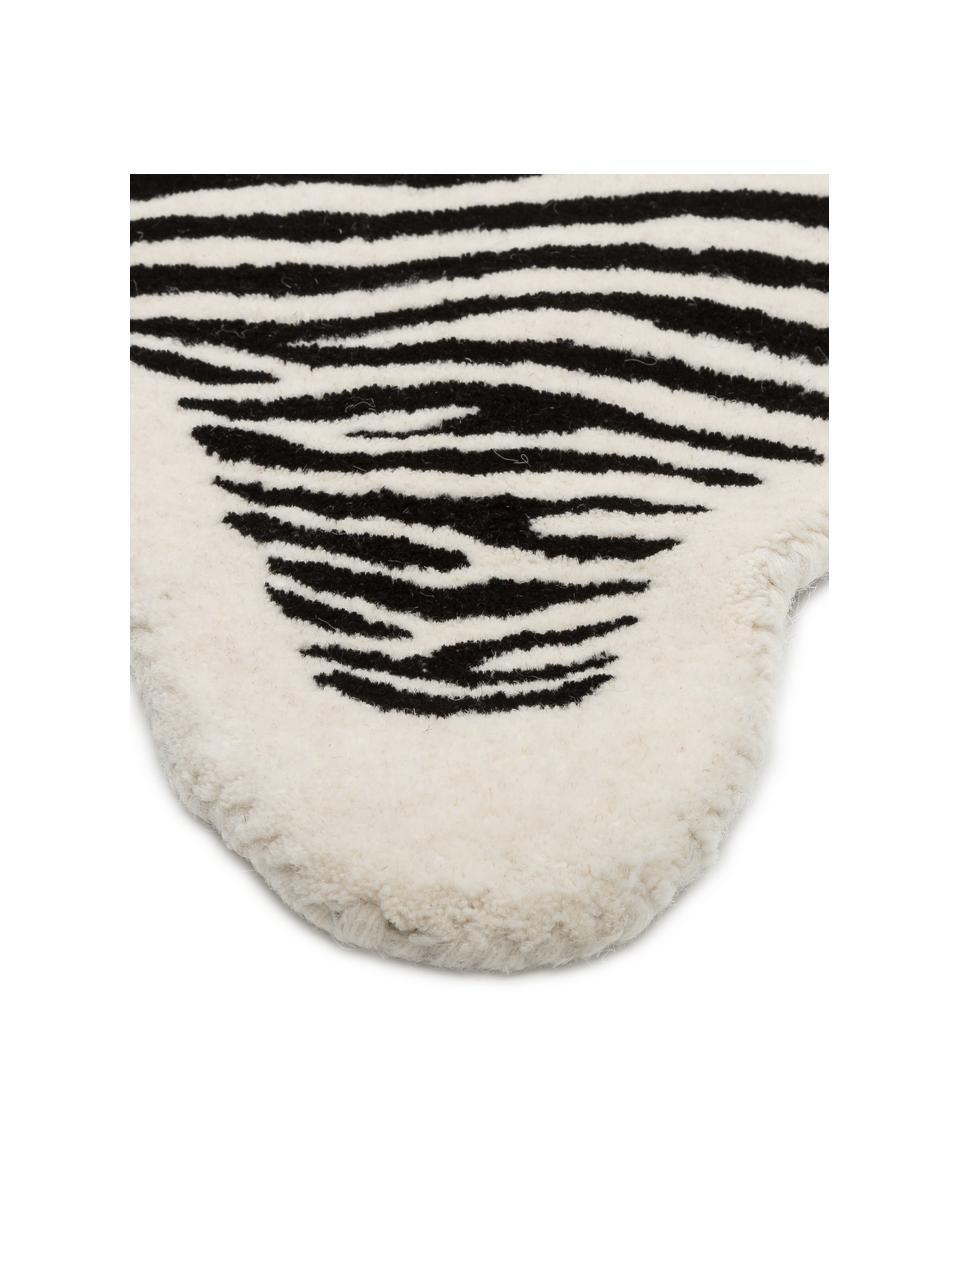 Ręcznie tuftowany dywan z wełny Savanna Zebra, Czarny, kremowy, S 160 x D 200 cm